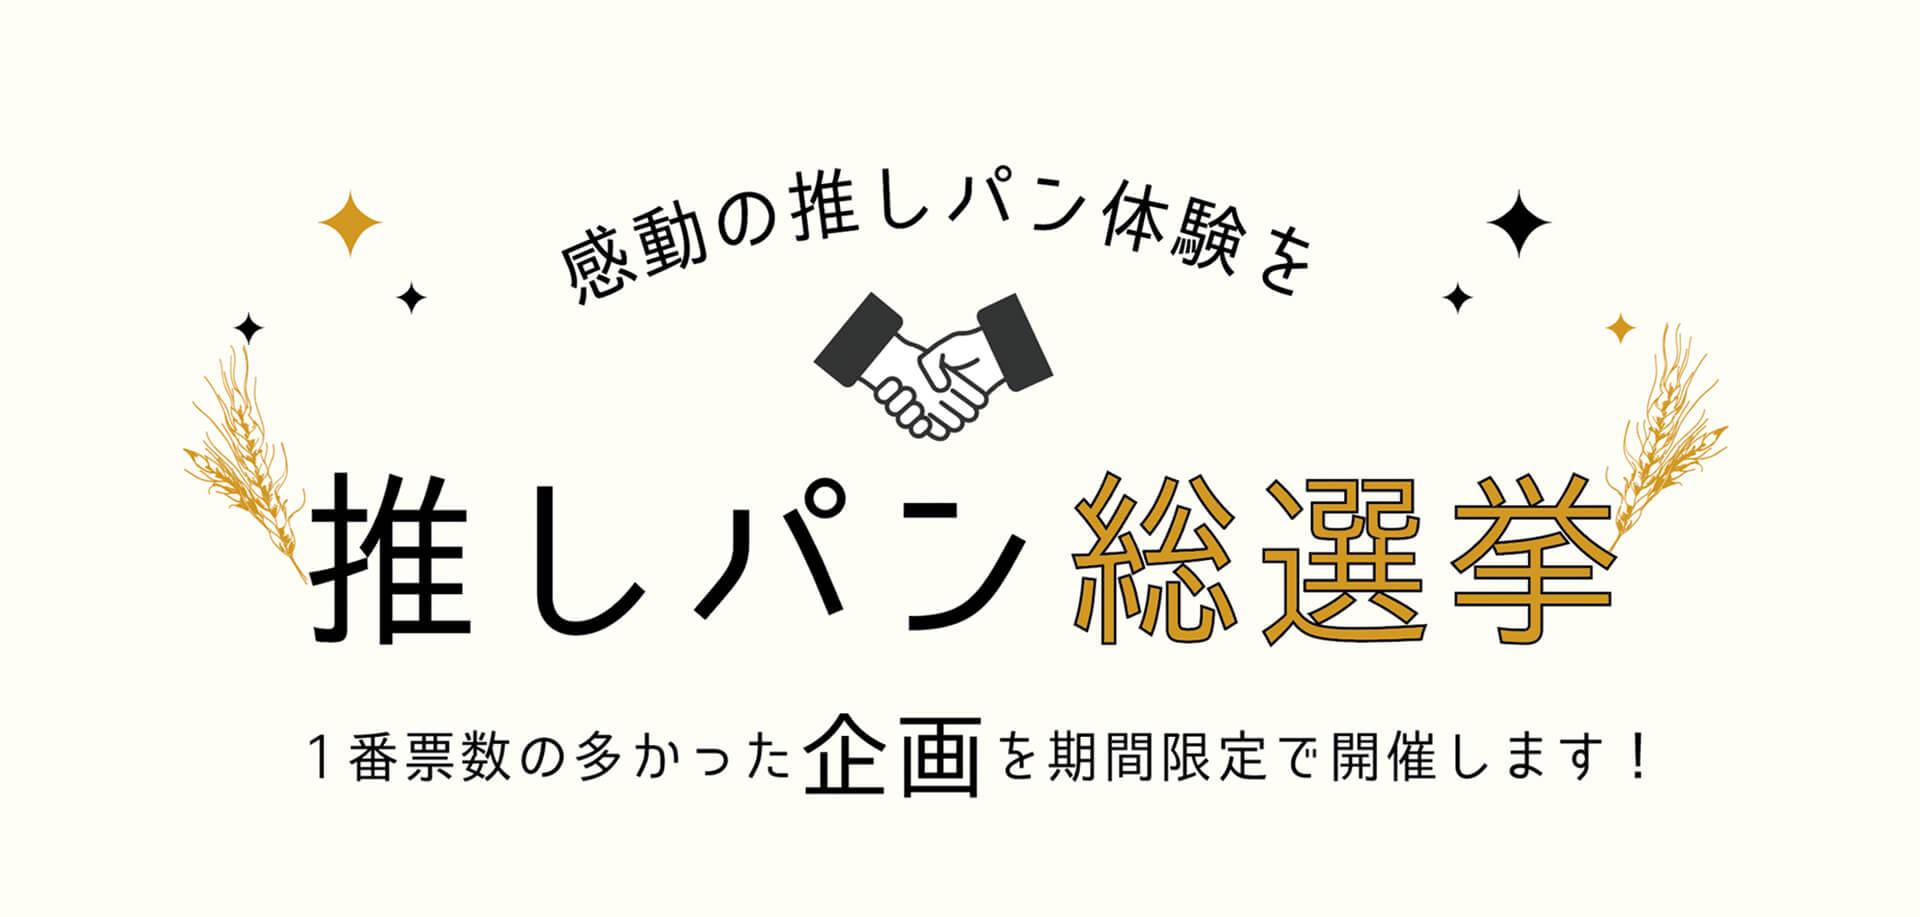 ル ビアン エキュート日暮里店「推しパン総選挙」